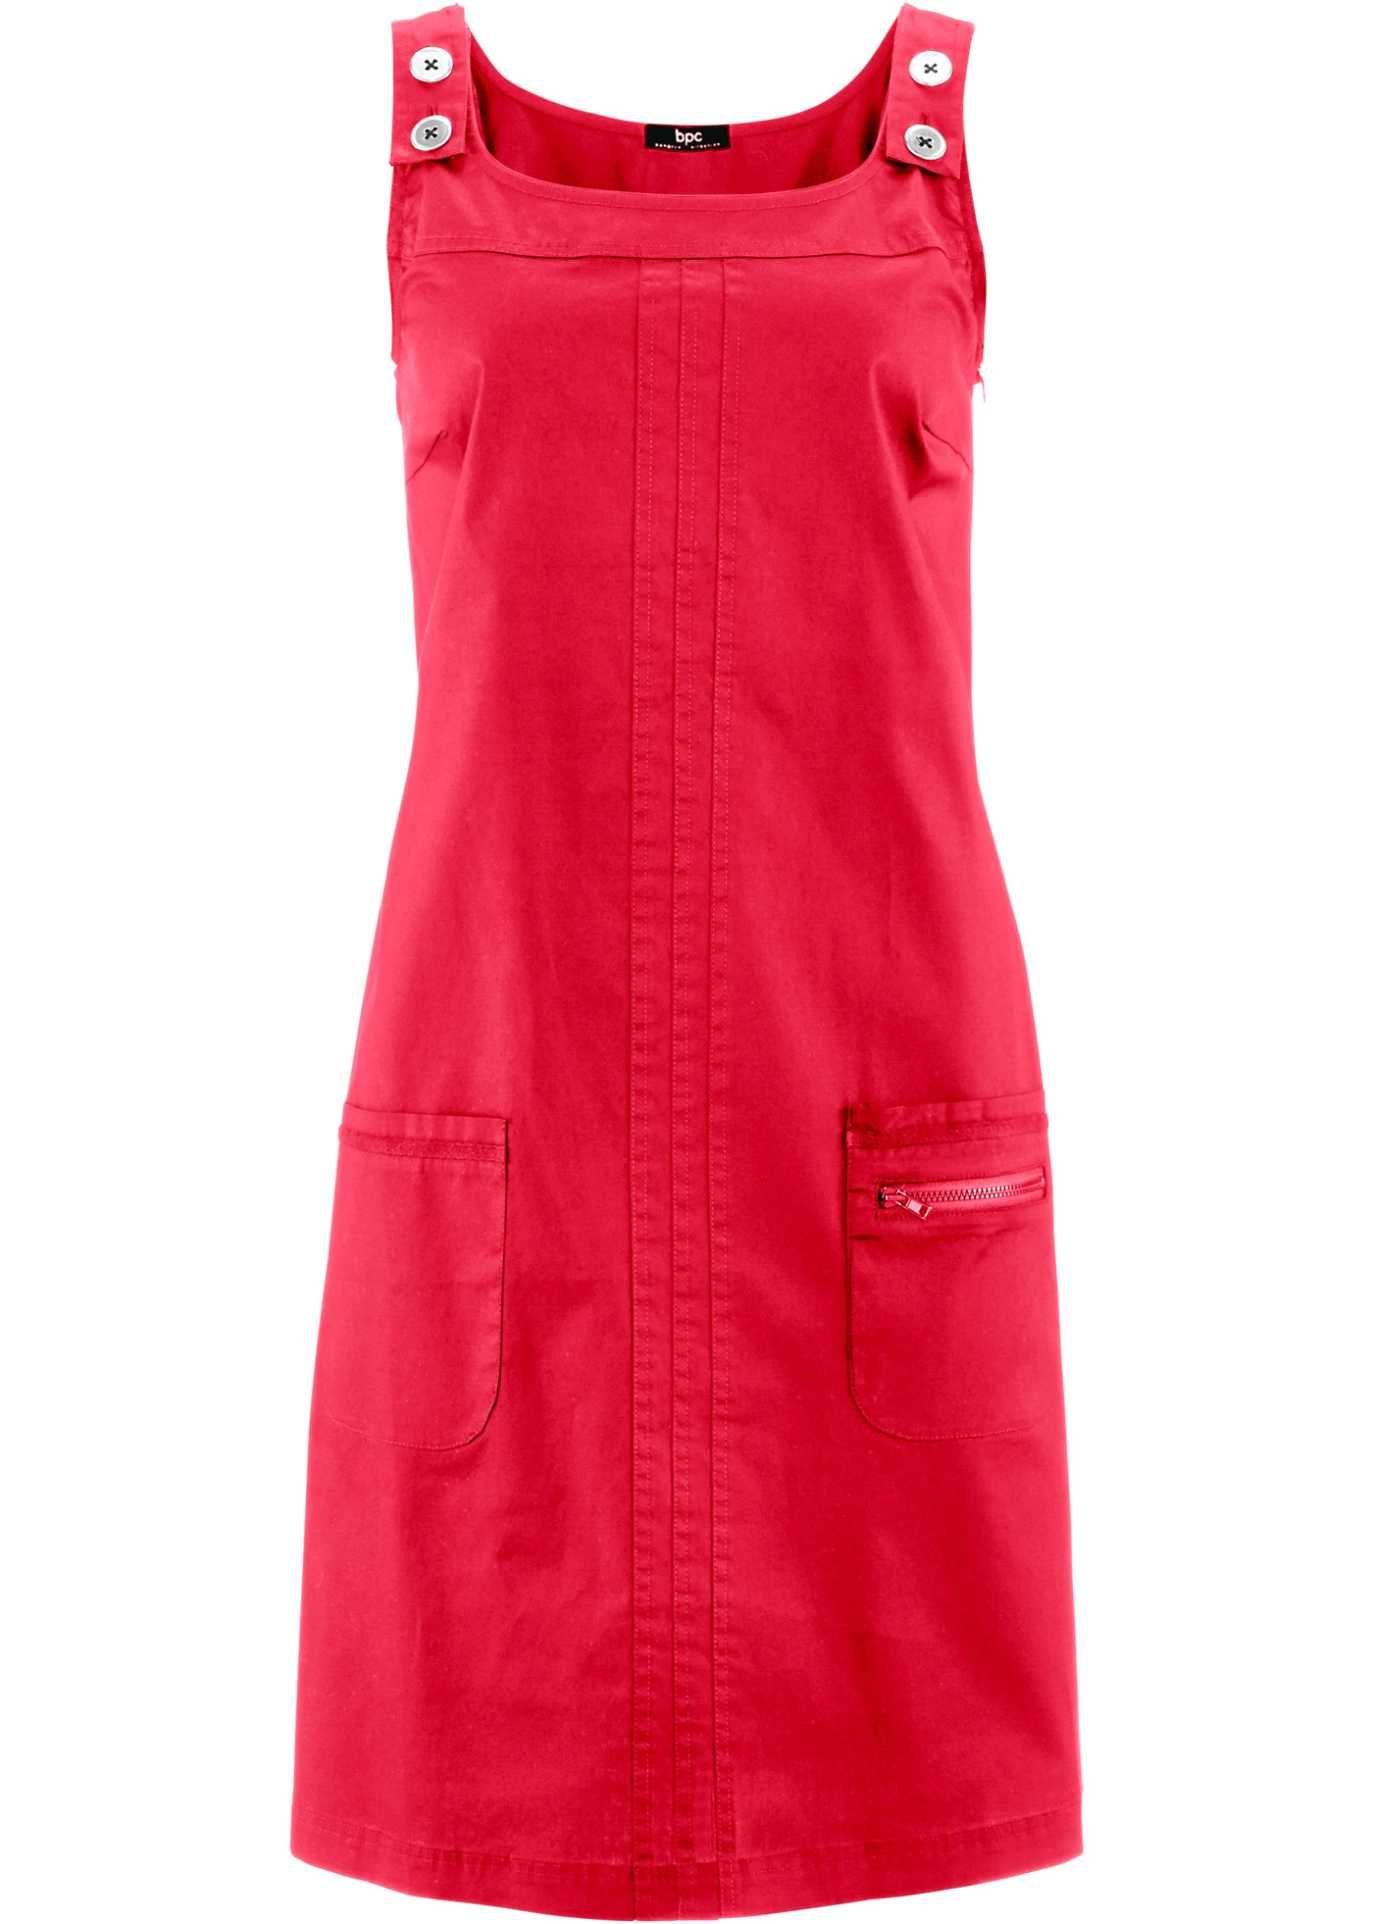 Trager Kleid Mit Aufgesetzten Taschen Rot Kleider Tuch Blusenschnitte